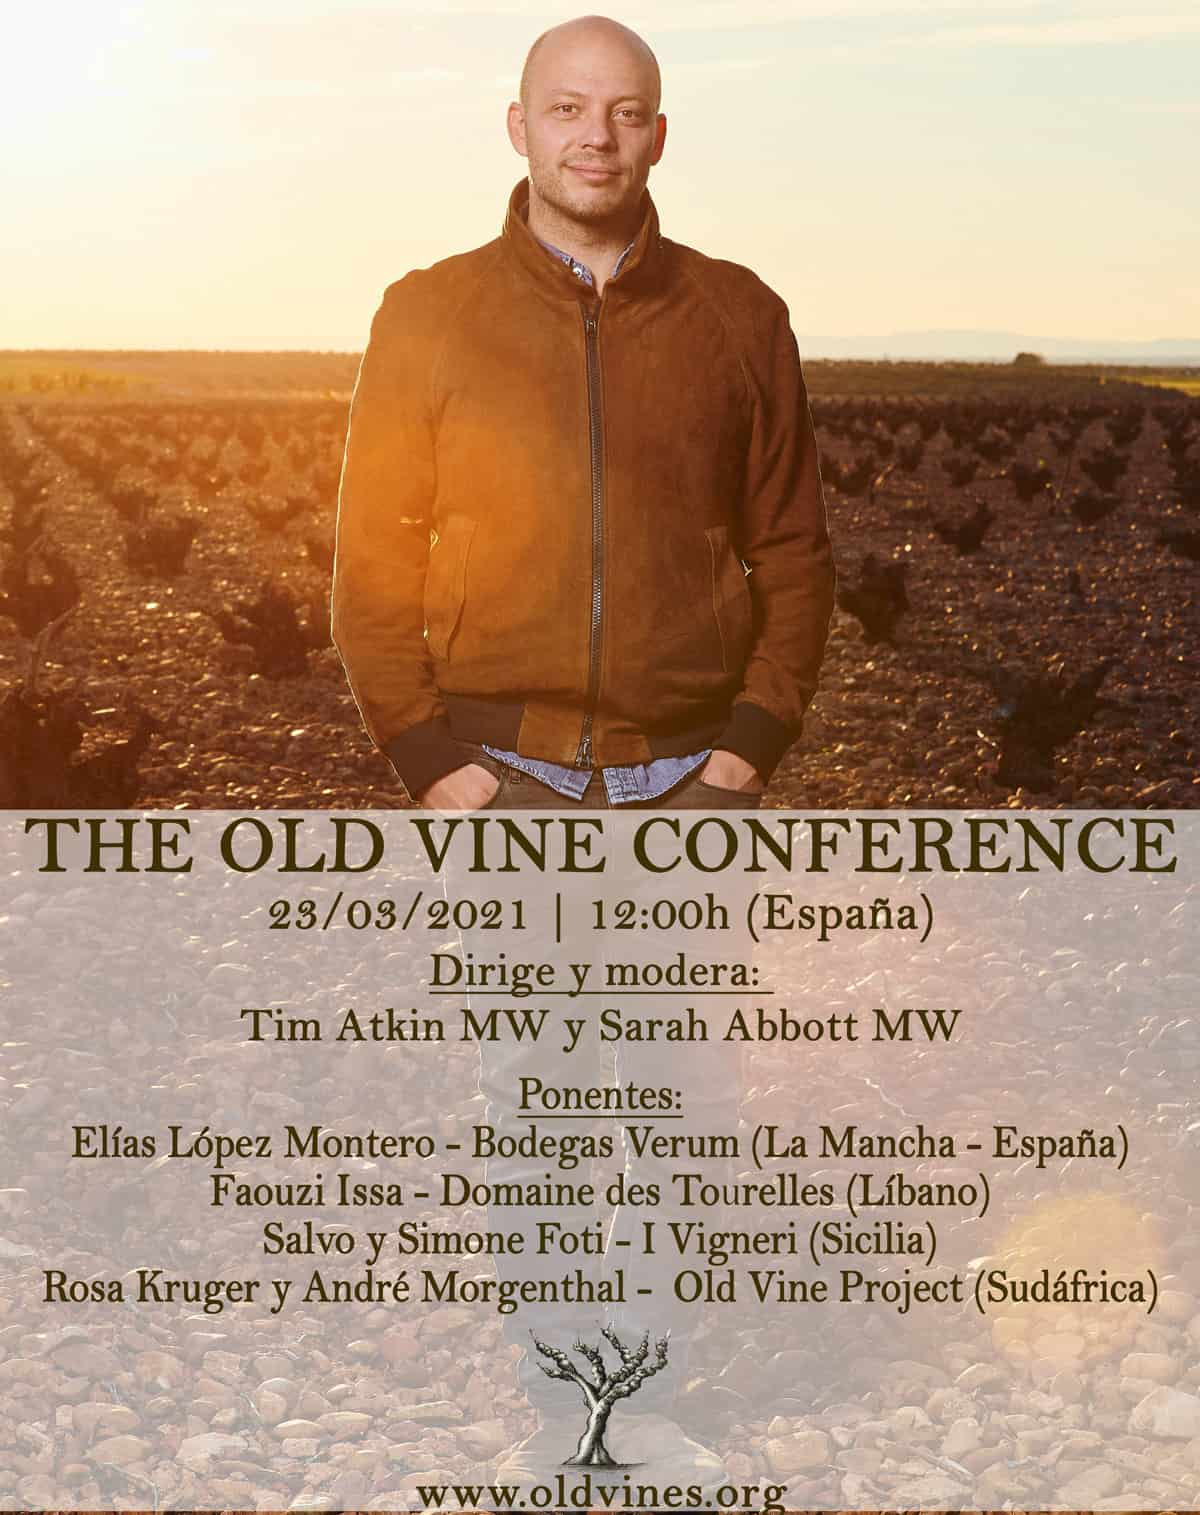 bodegas verdum old vines